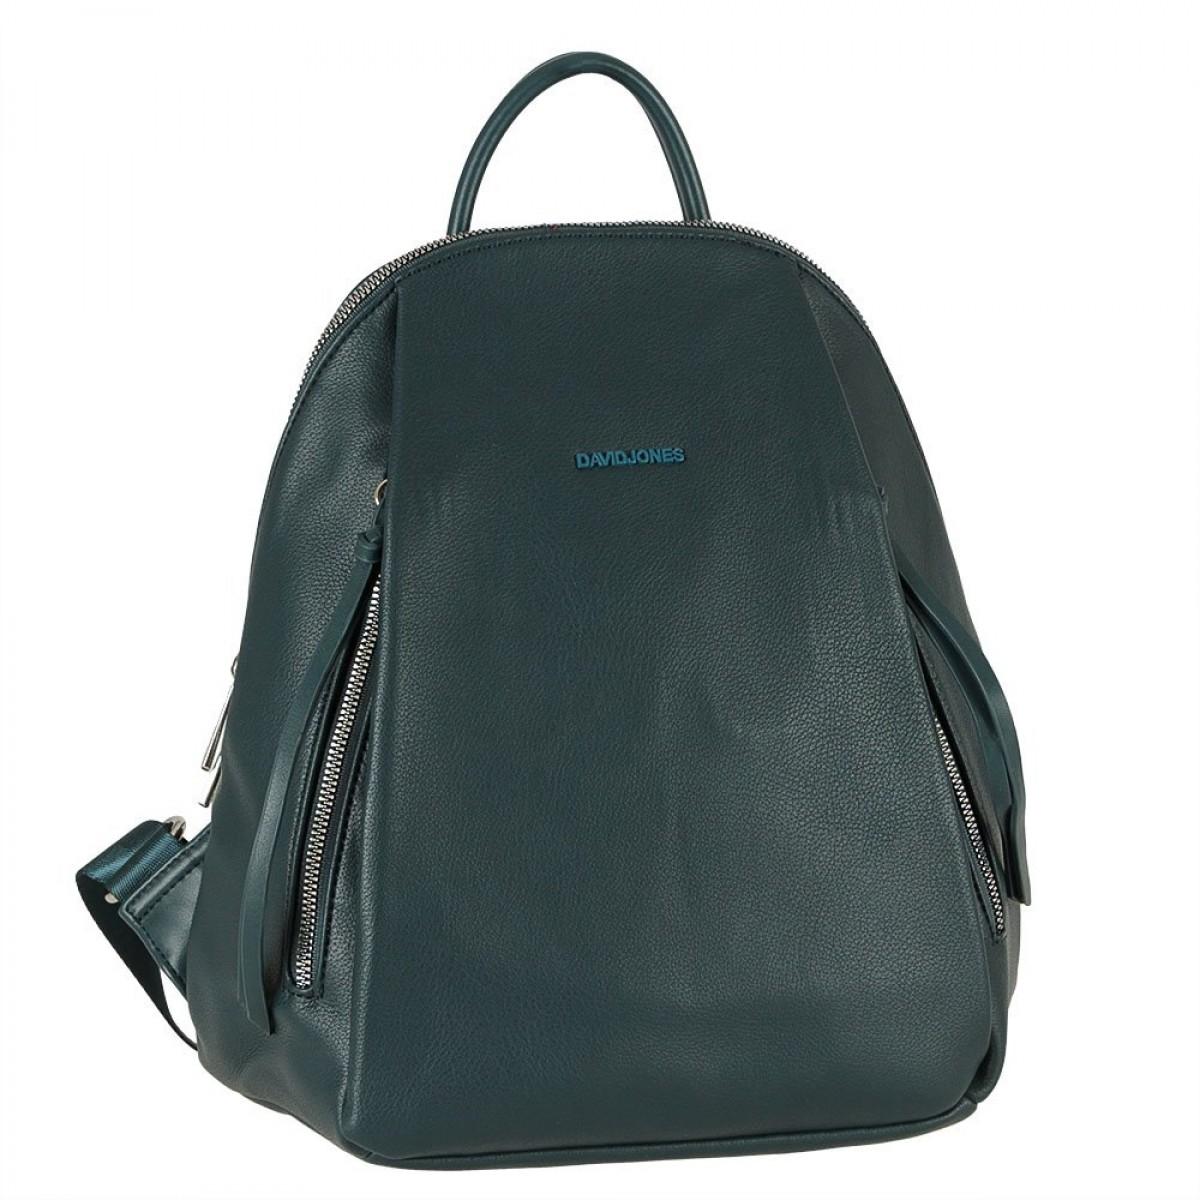 Жіночий рюкзак David Jones CM5848 PEACOCK BLUE